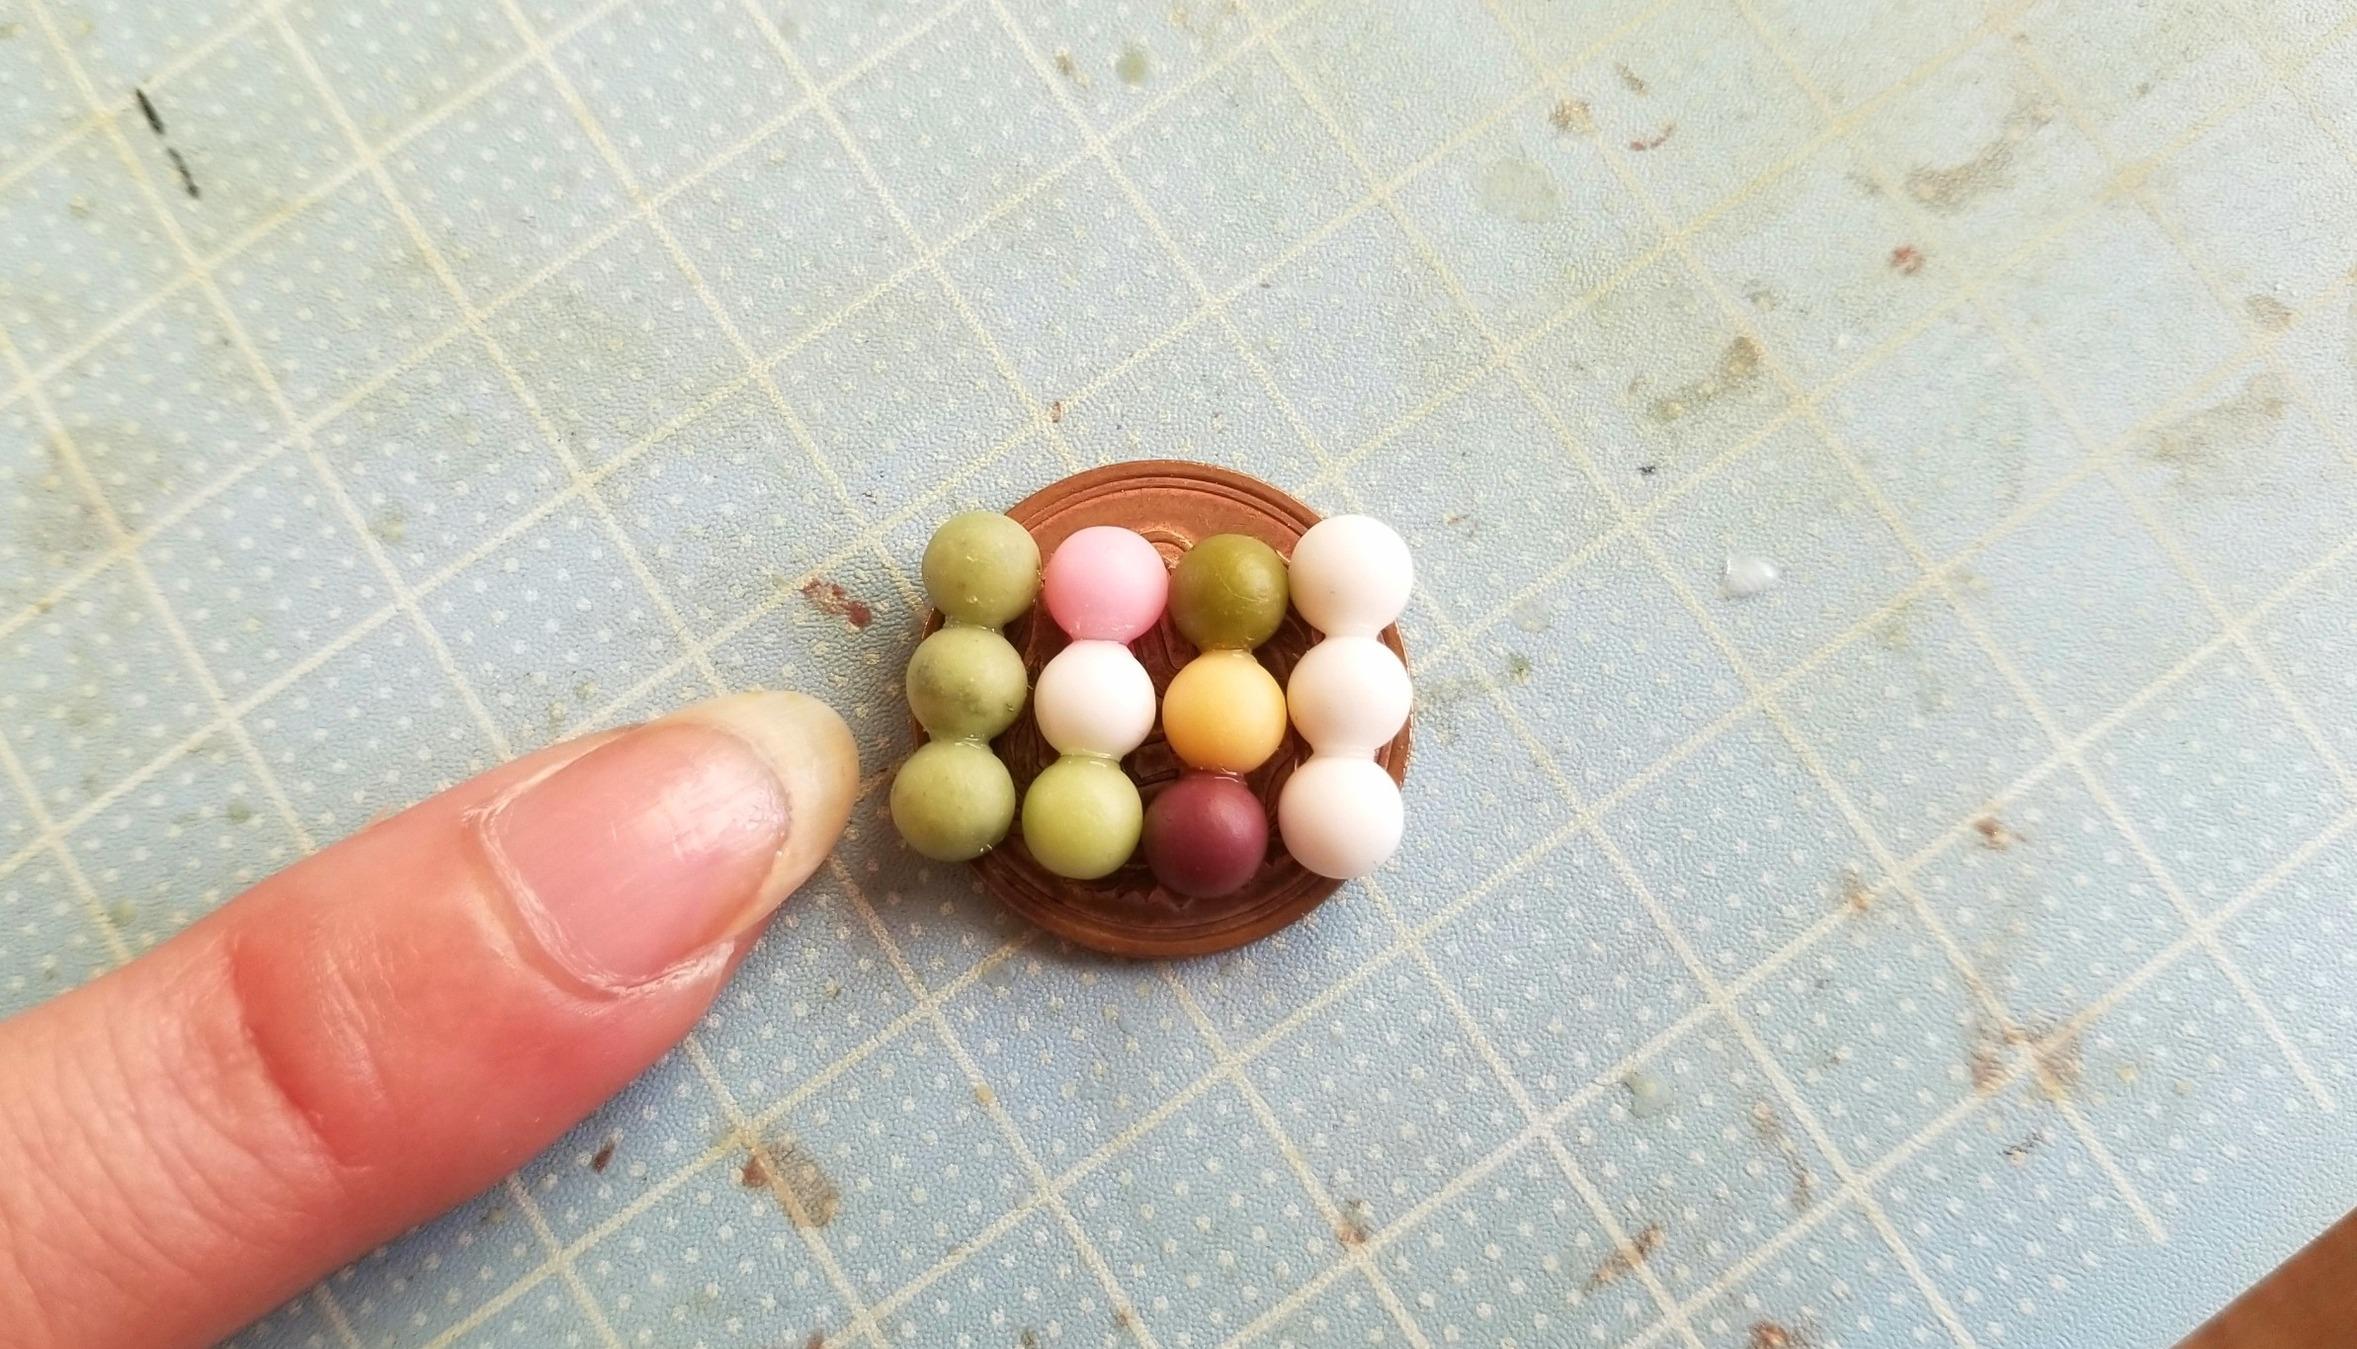 お団子,作り方,和菓子,ミニチュア,樹脂粘土,フェイクフード,丸玉